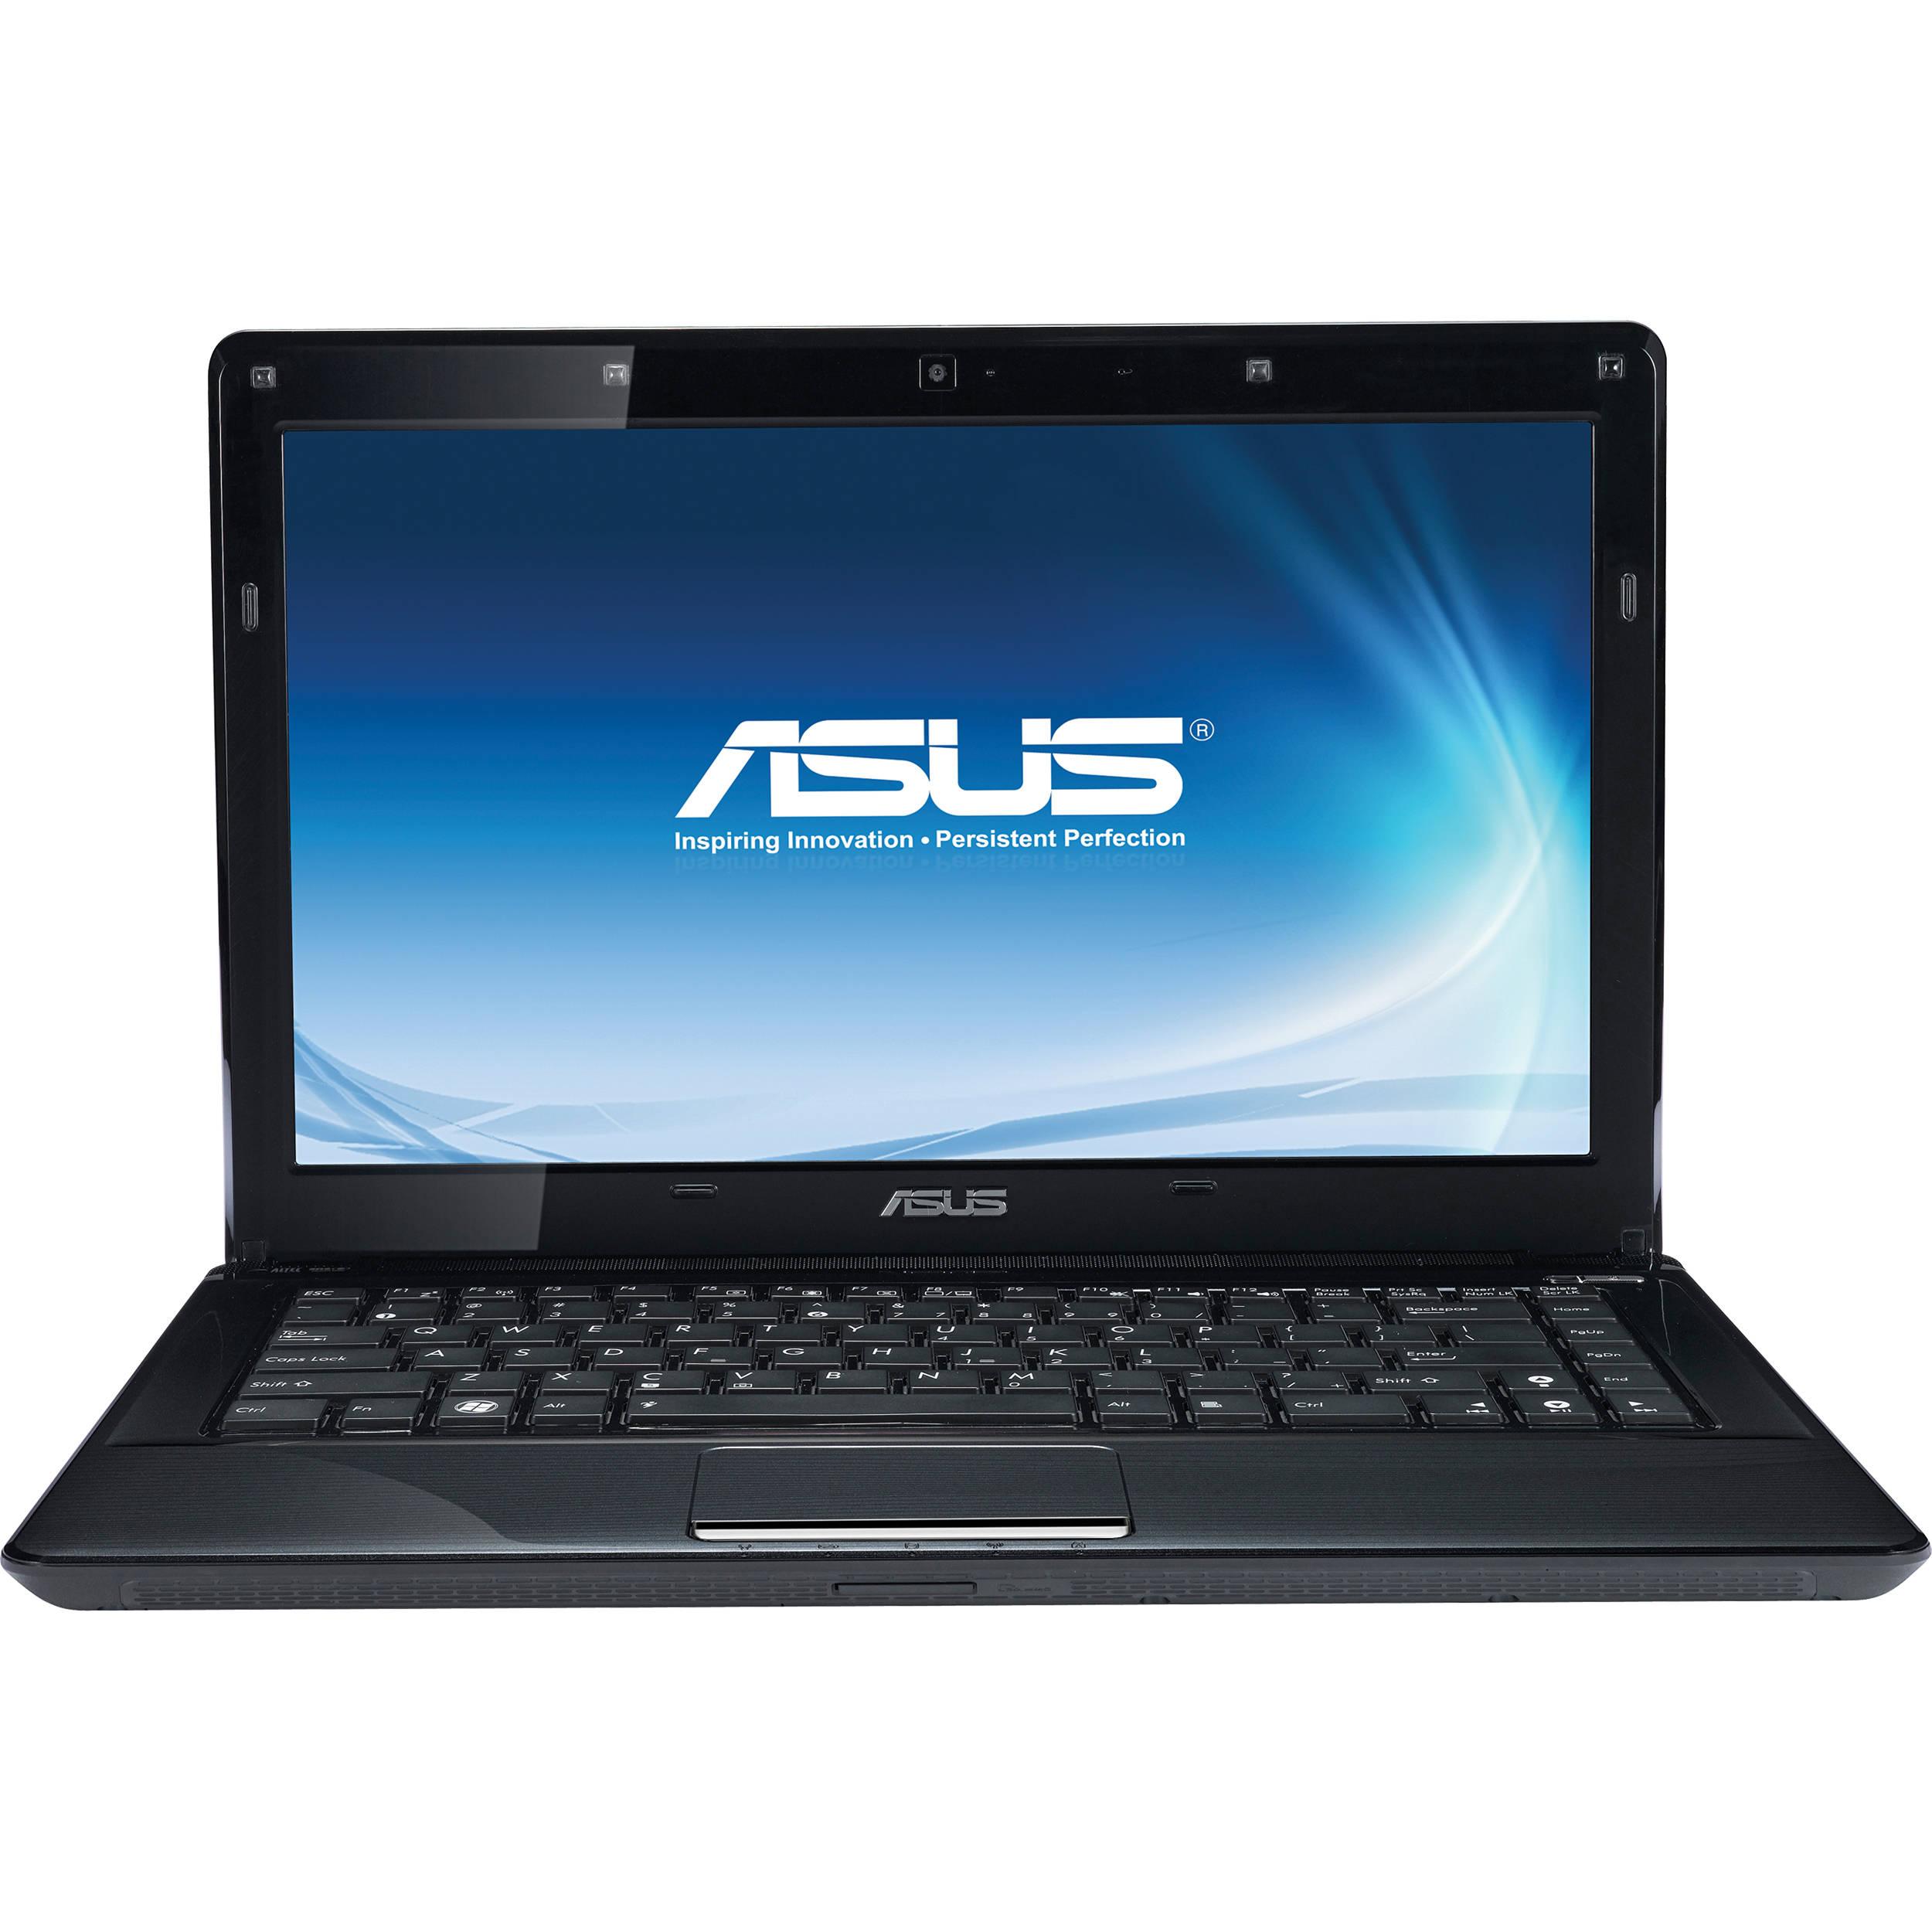 ASUS K42JR NOTEBOOK USB2.0 WEBCAM DRIVER UPDATE